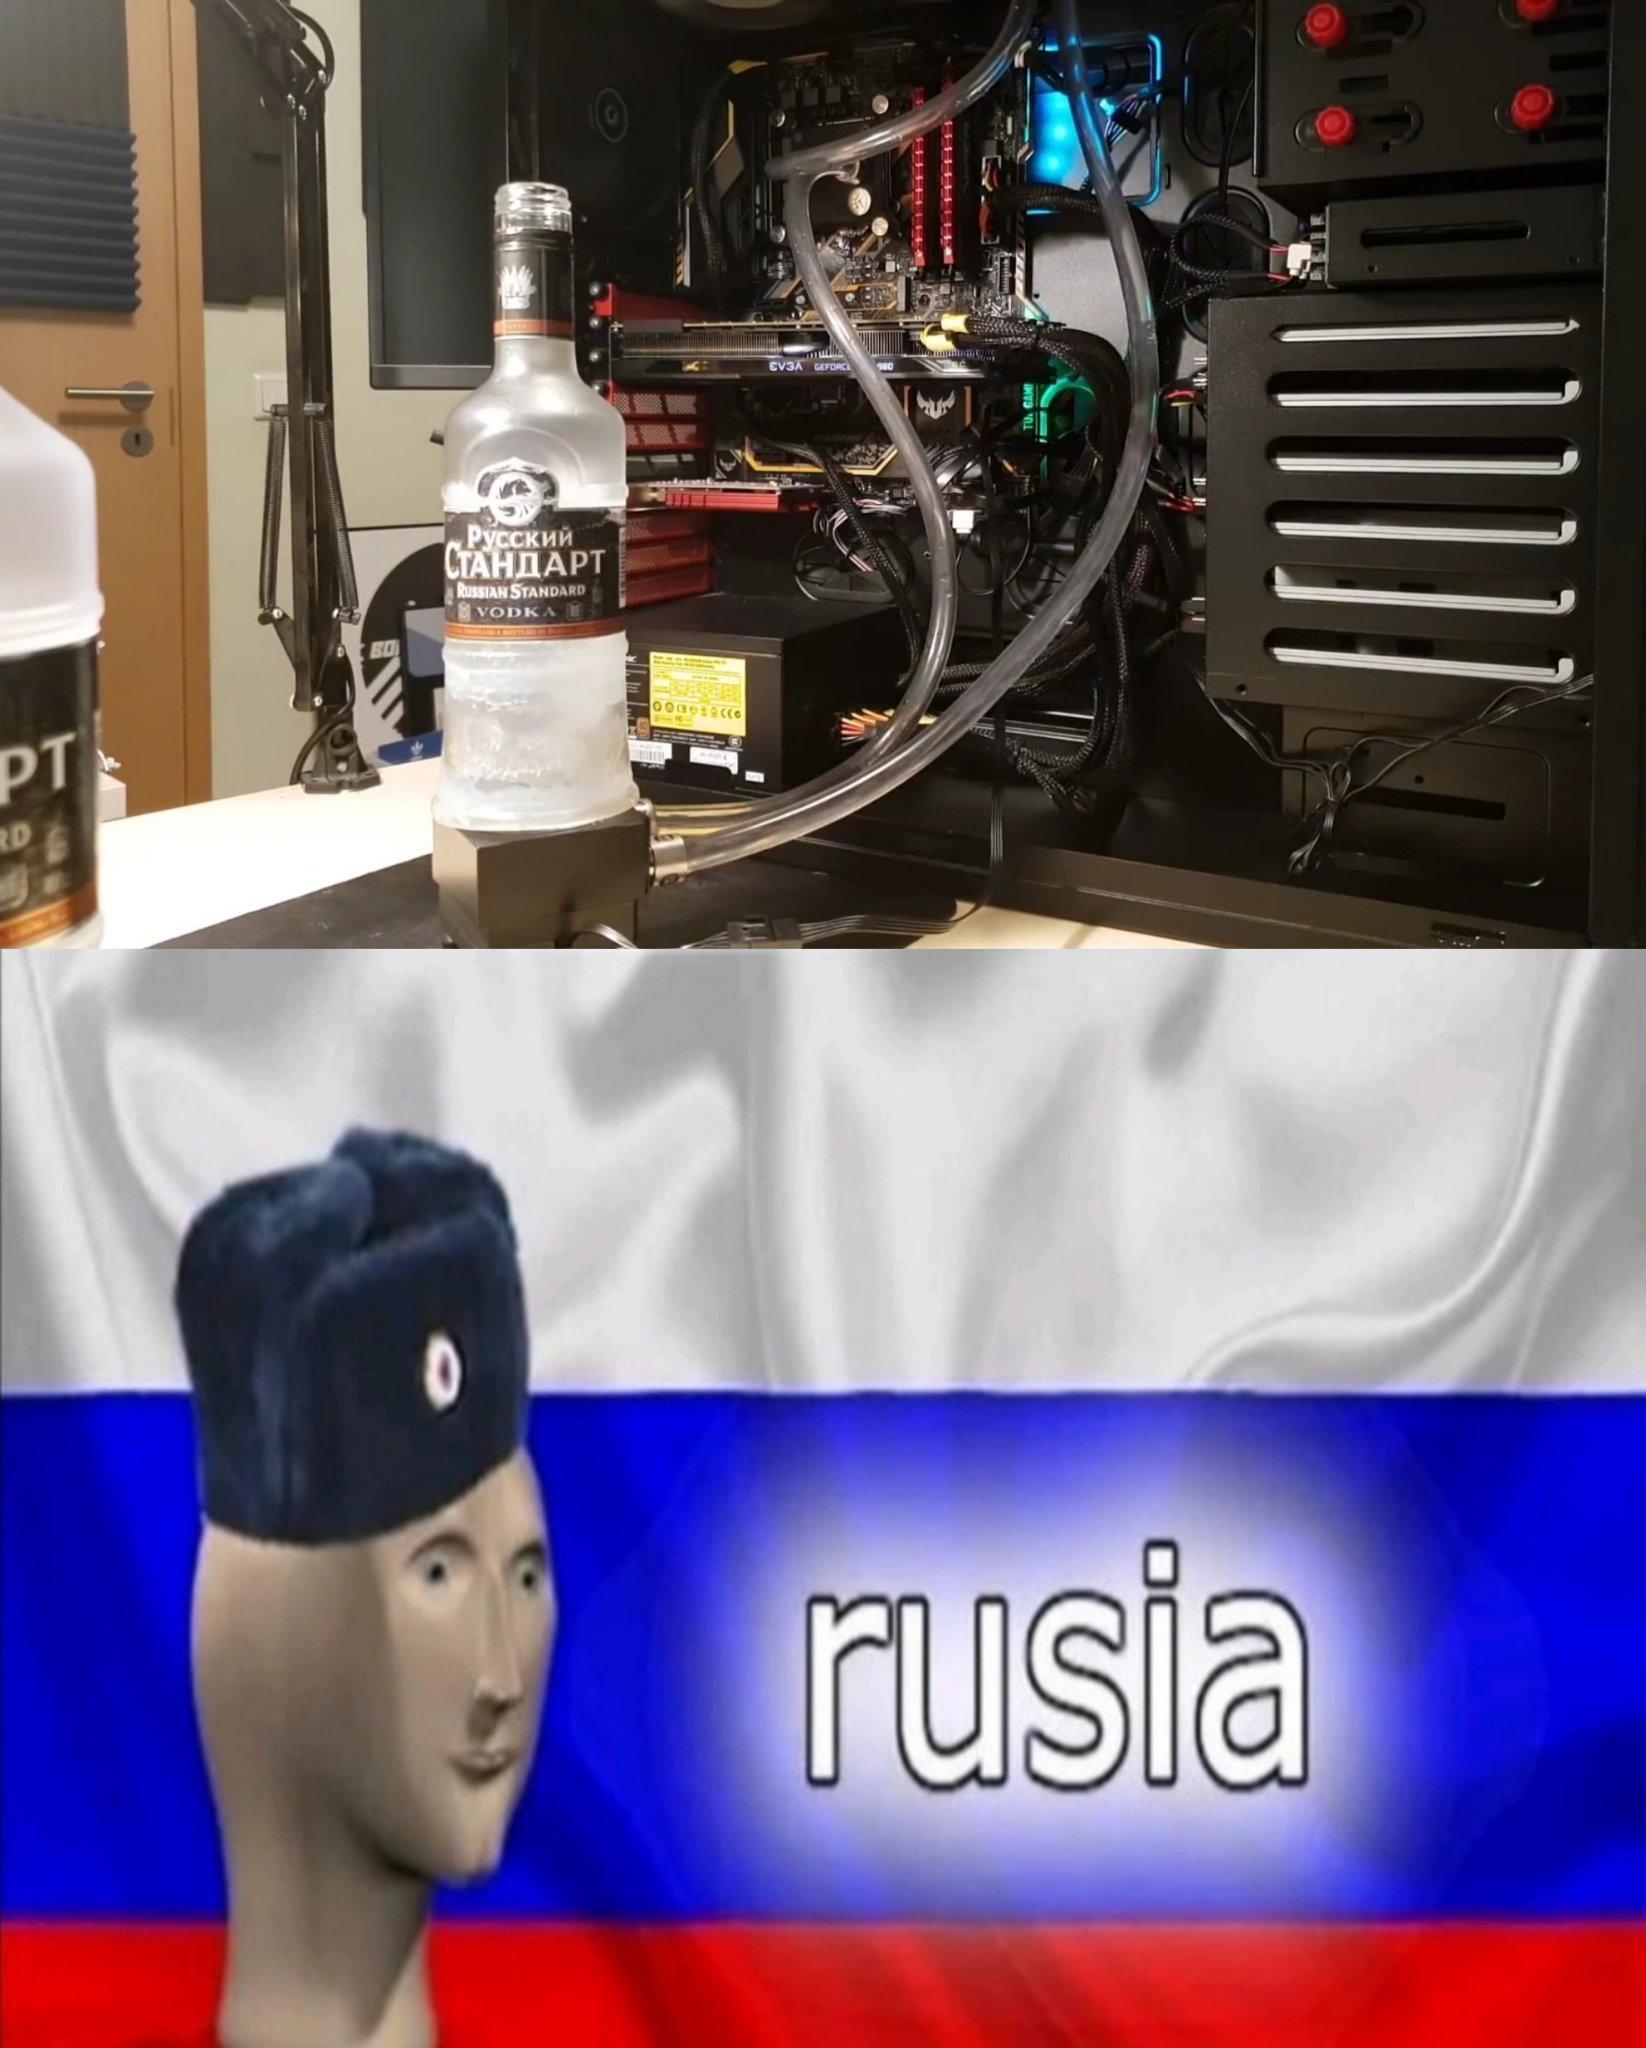 refrigeración líquida rusa - meme